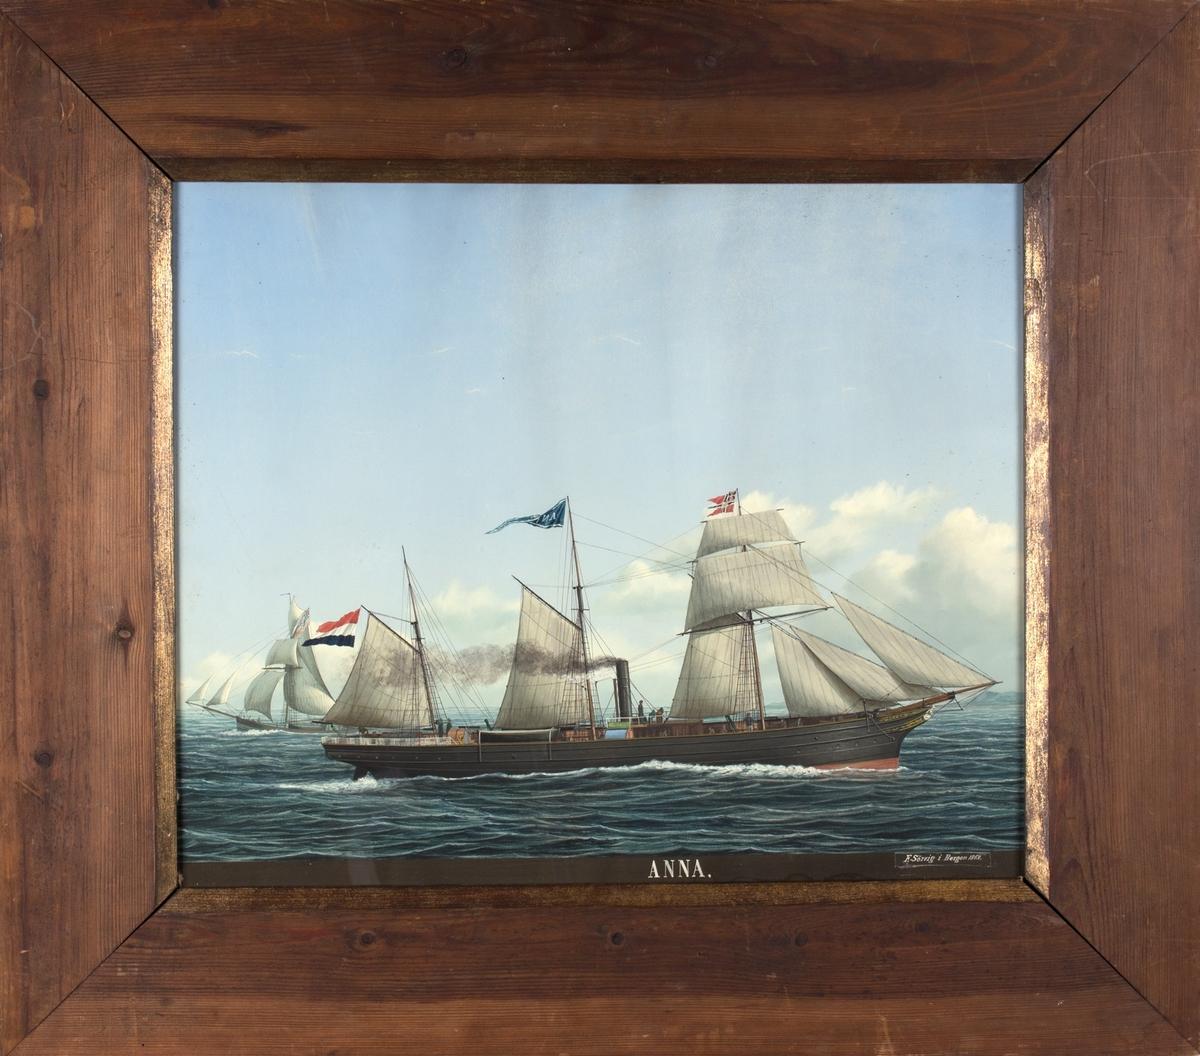 Skipsportrett av DS ANNA hjemmehørende i Nederland. Skipet har klipperbaug og seilføring som skonnertskip. Fører det nederlandske flagg akter og på fortoppen norsk postflagg.